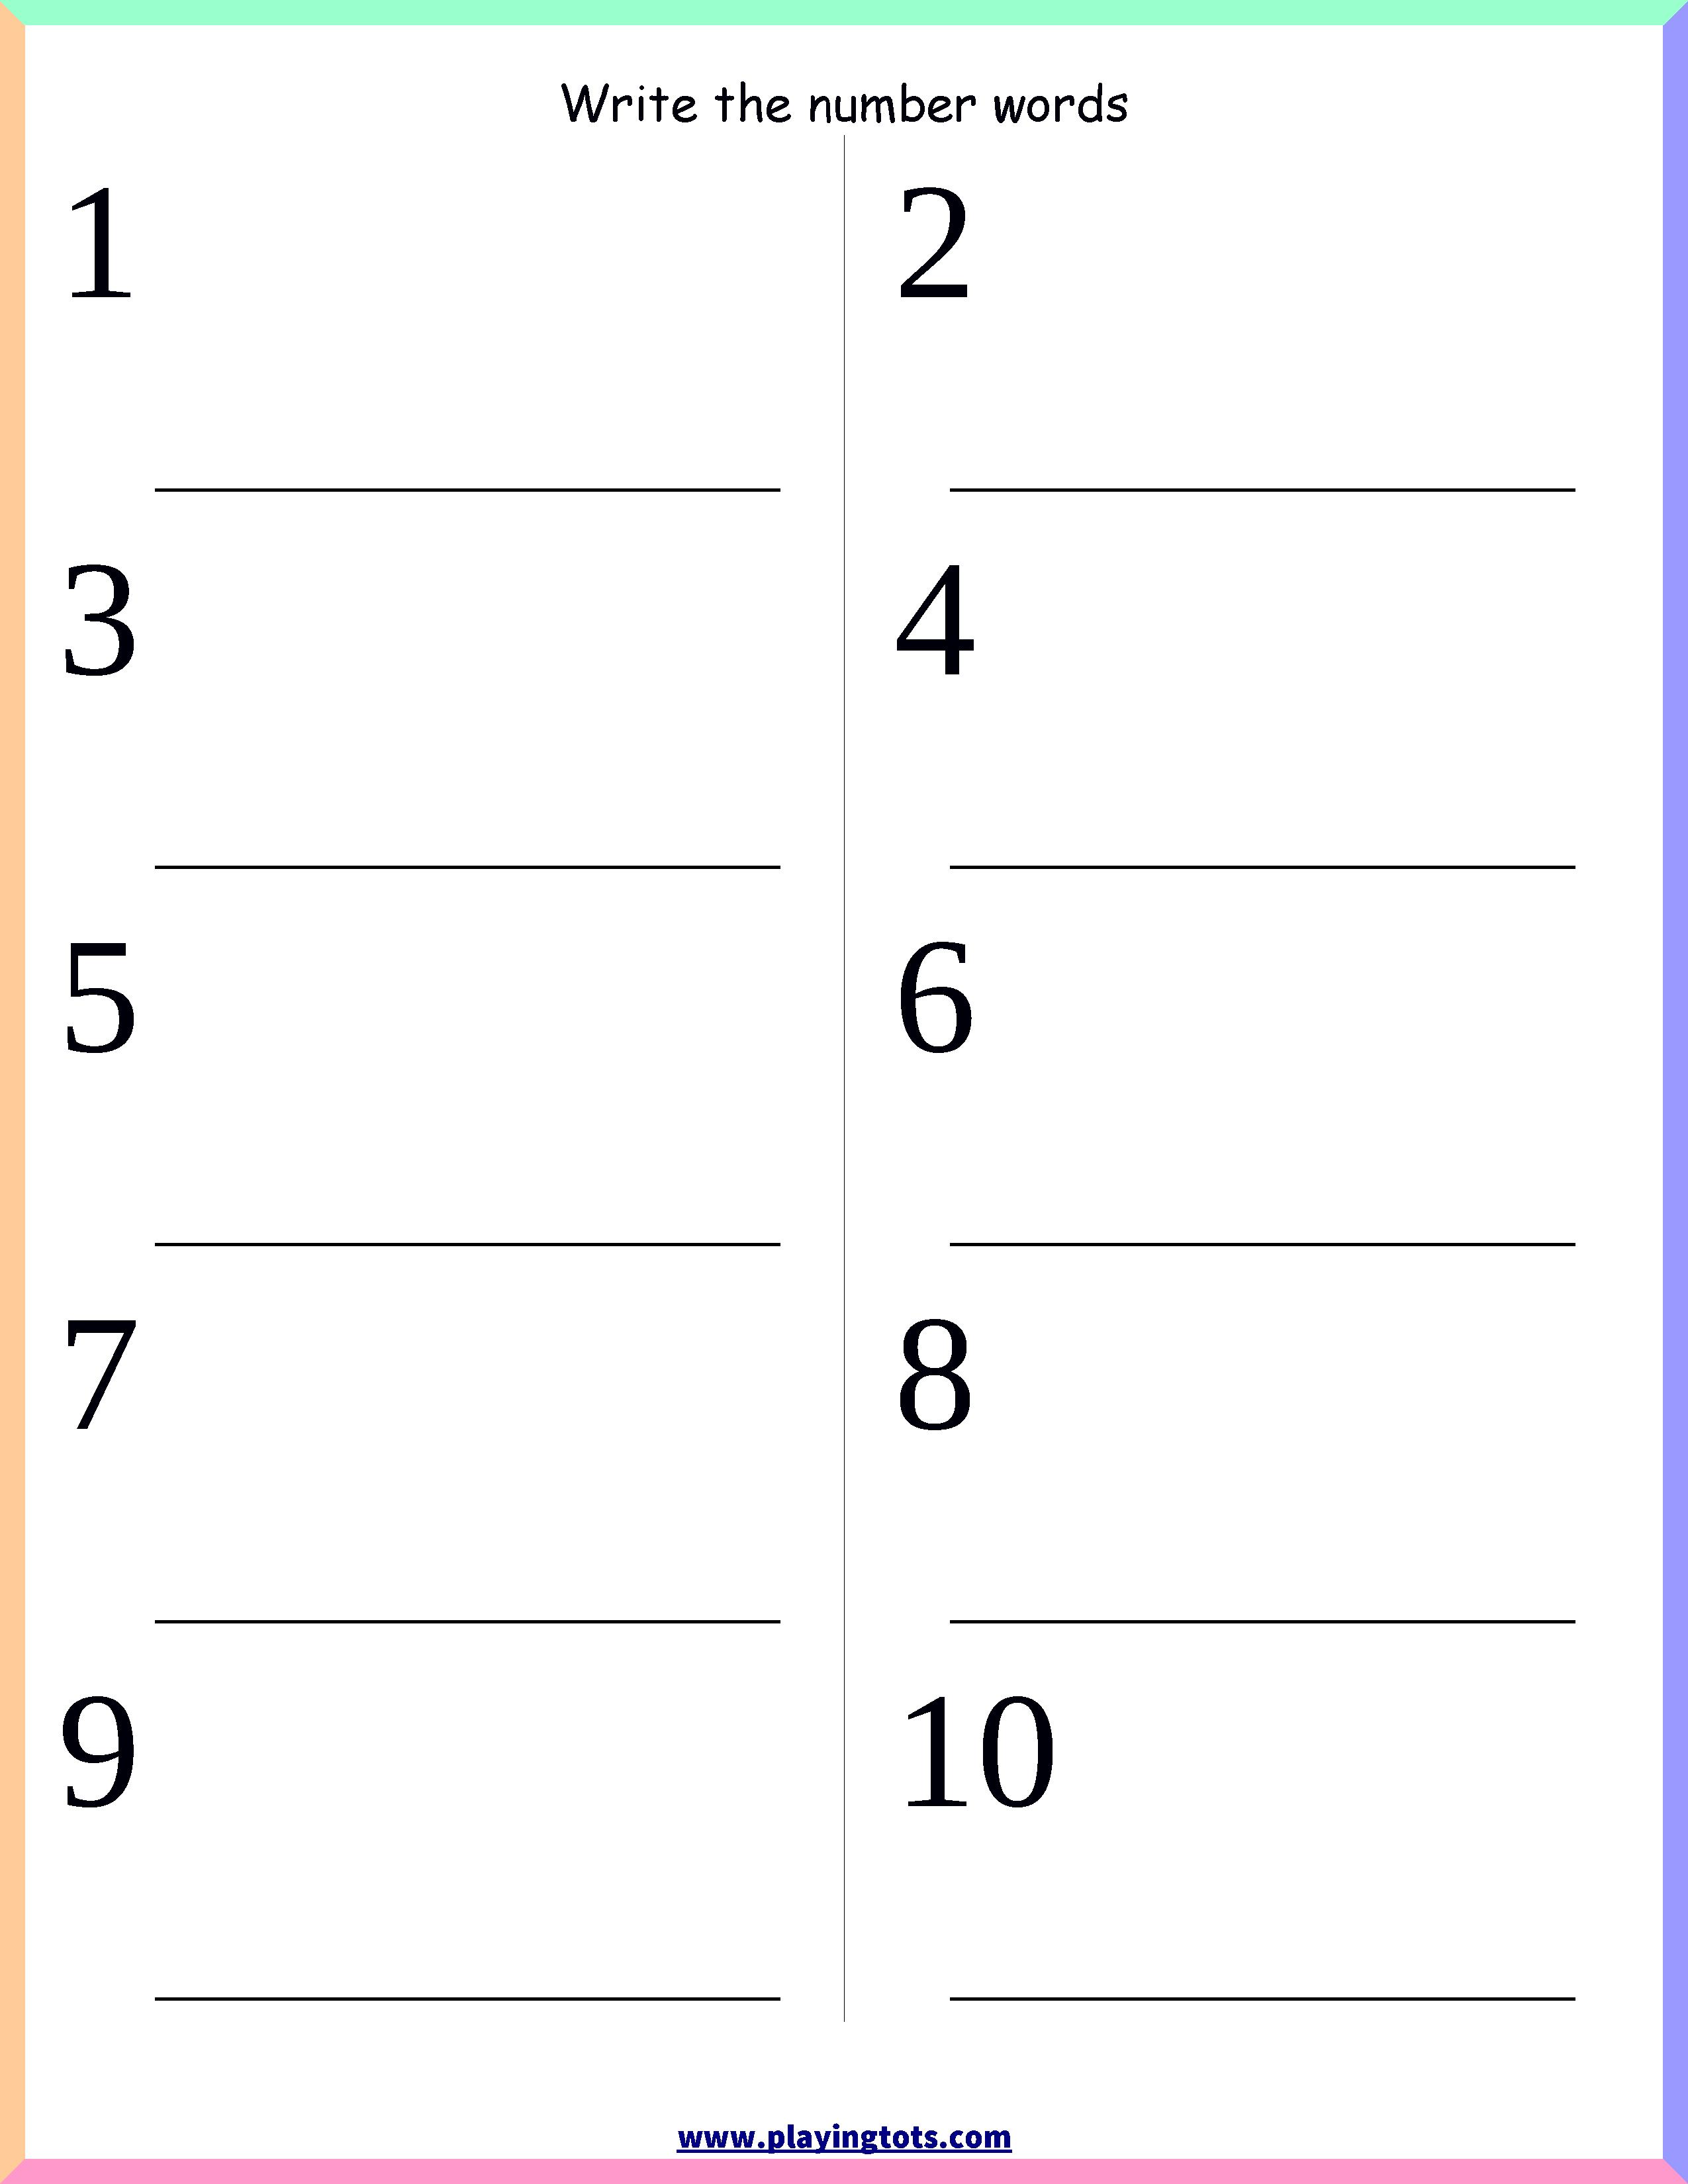 Printable Spelling Worksheet